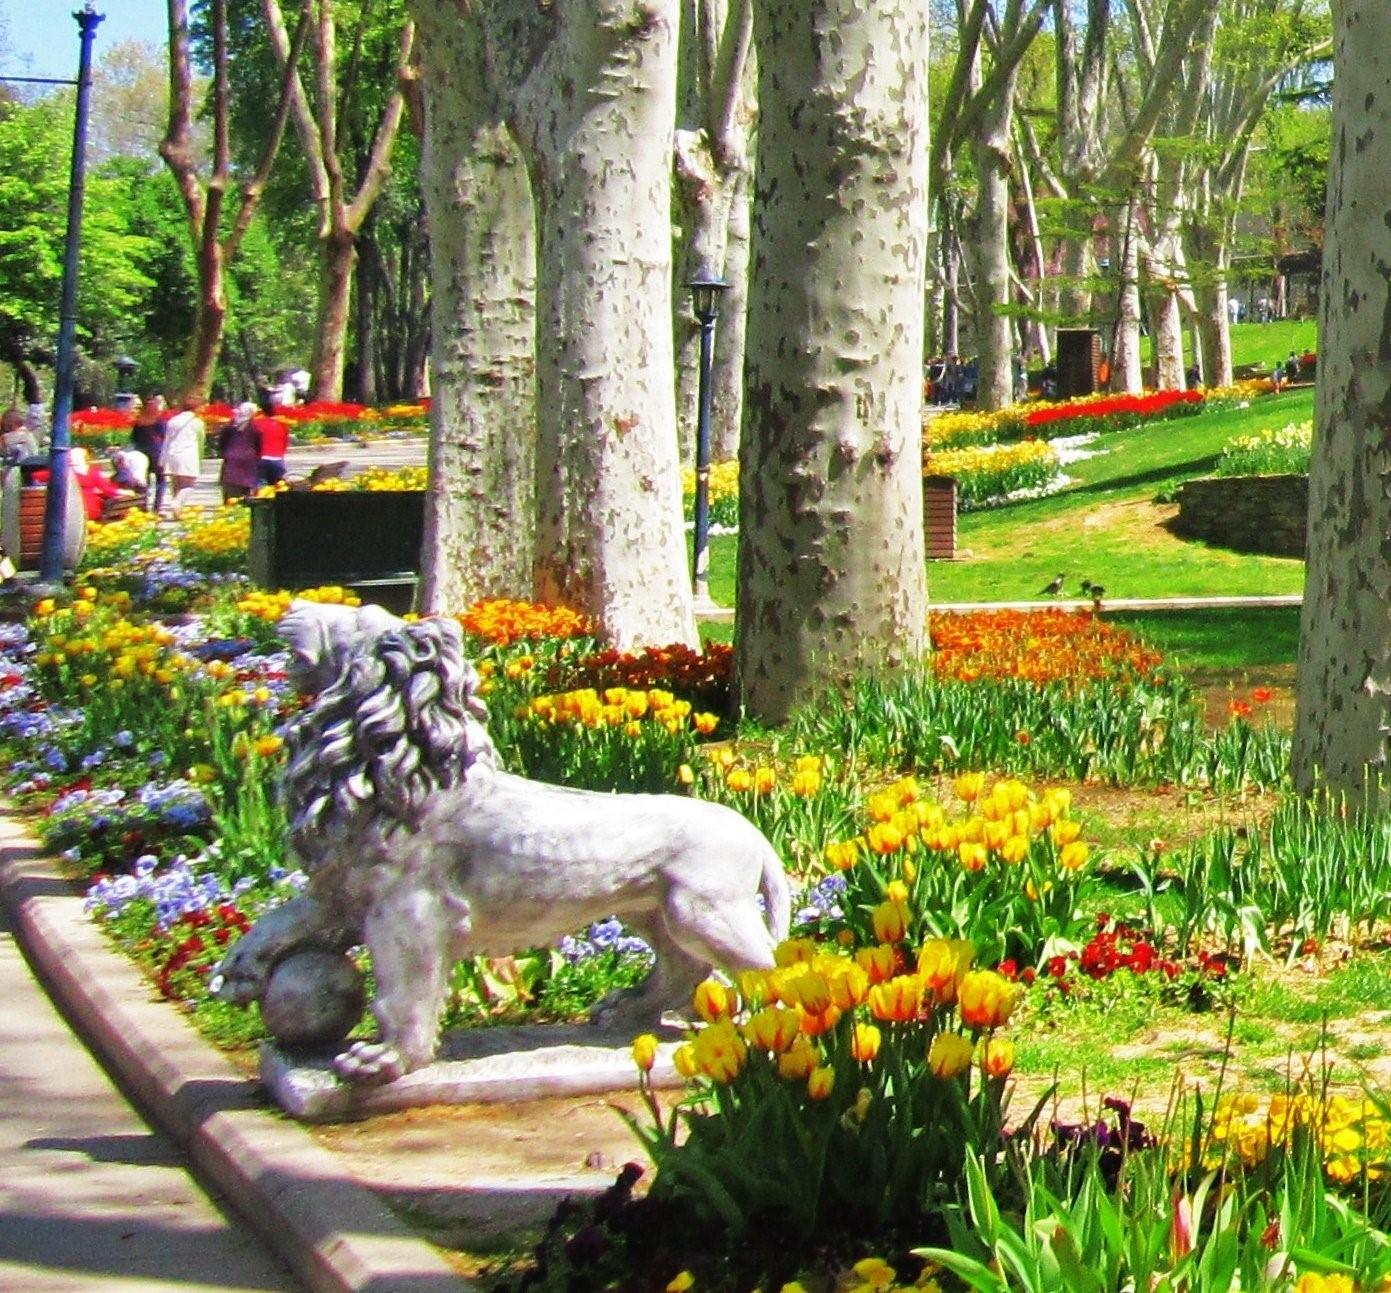 Quel Est Le Plus Beau Parc D'istanbul? Comment Peux-Je Y ... dedans Statues De Jardin Occasion